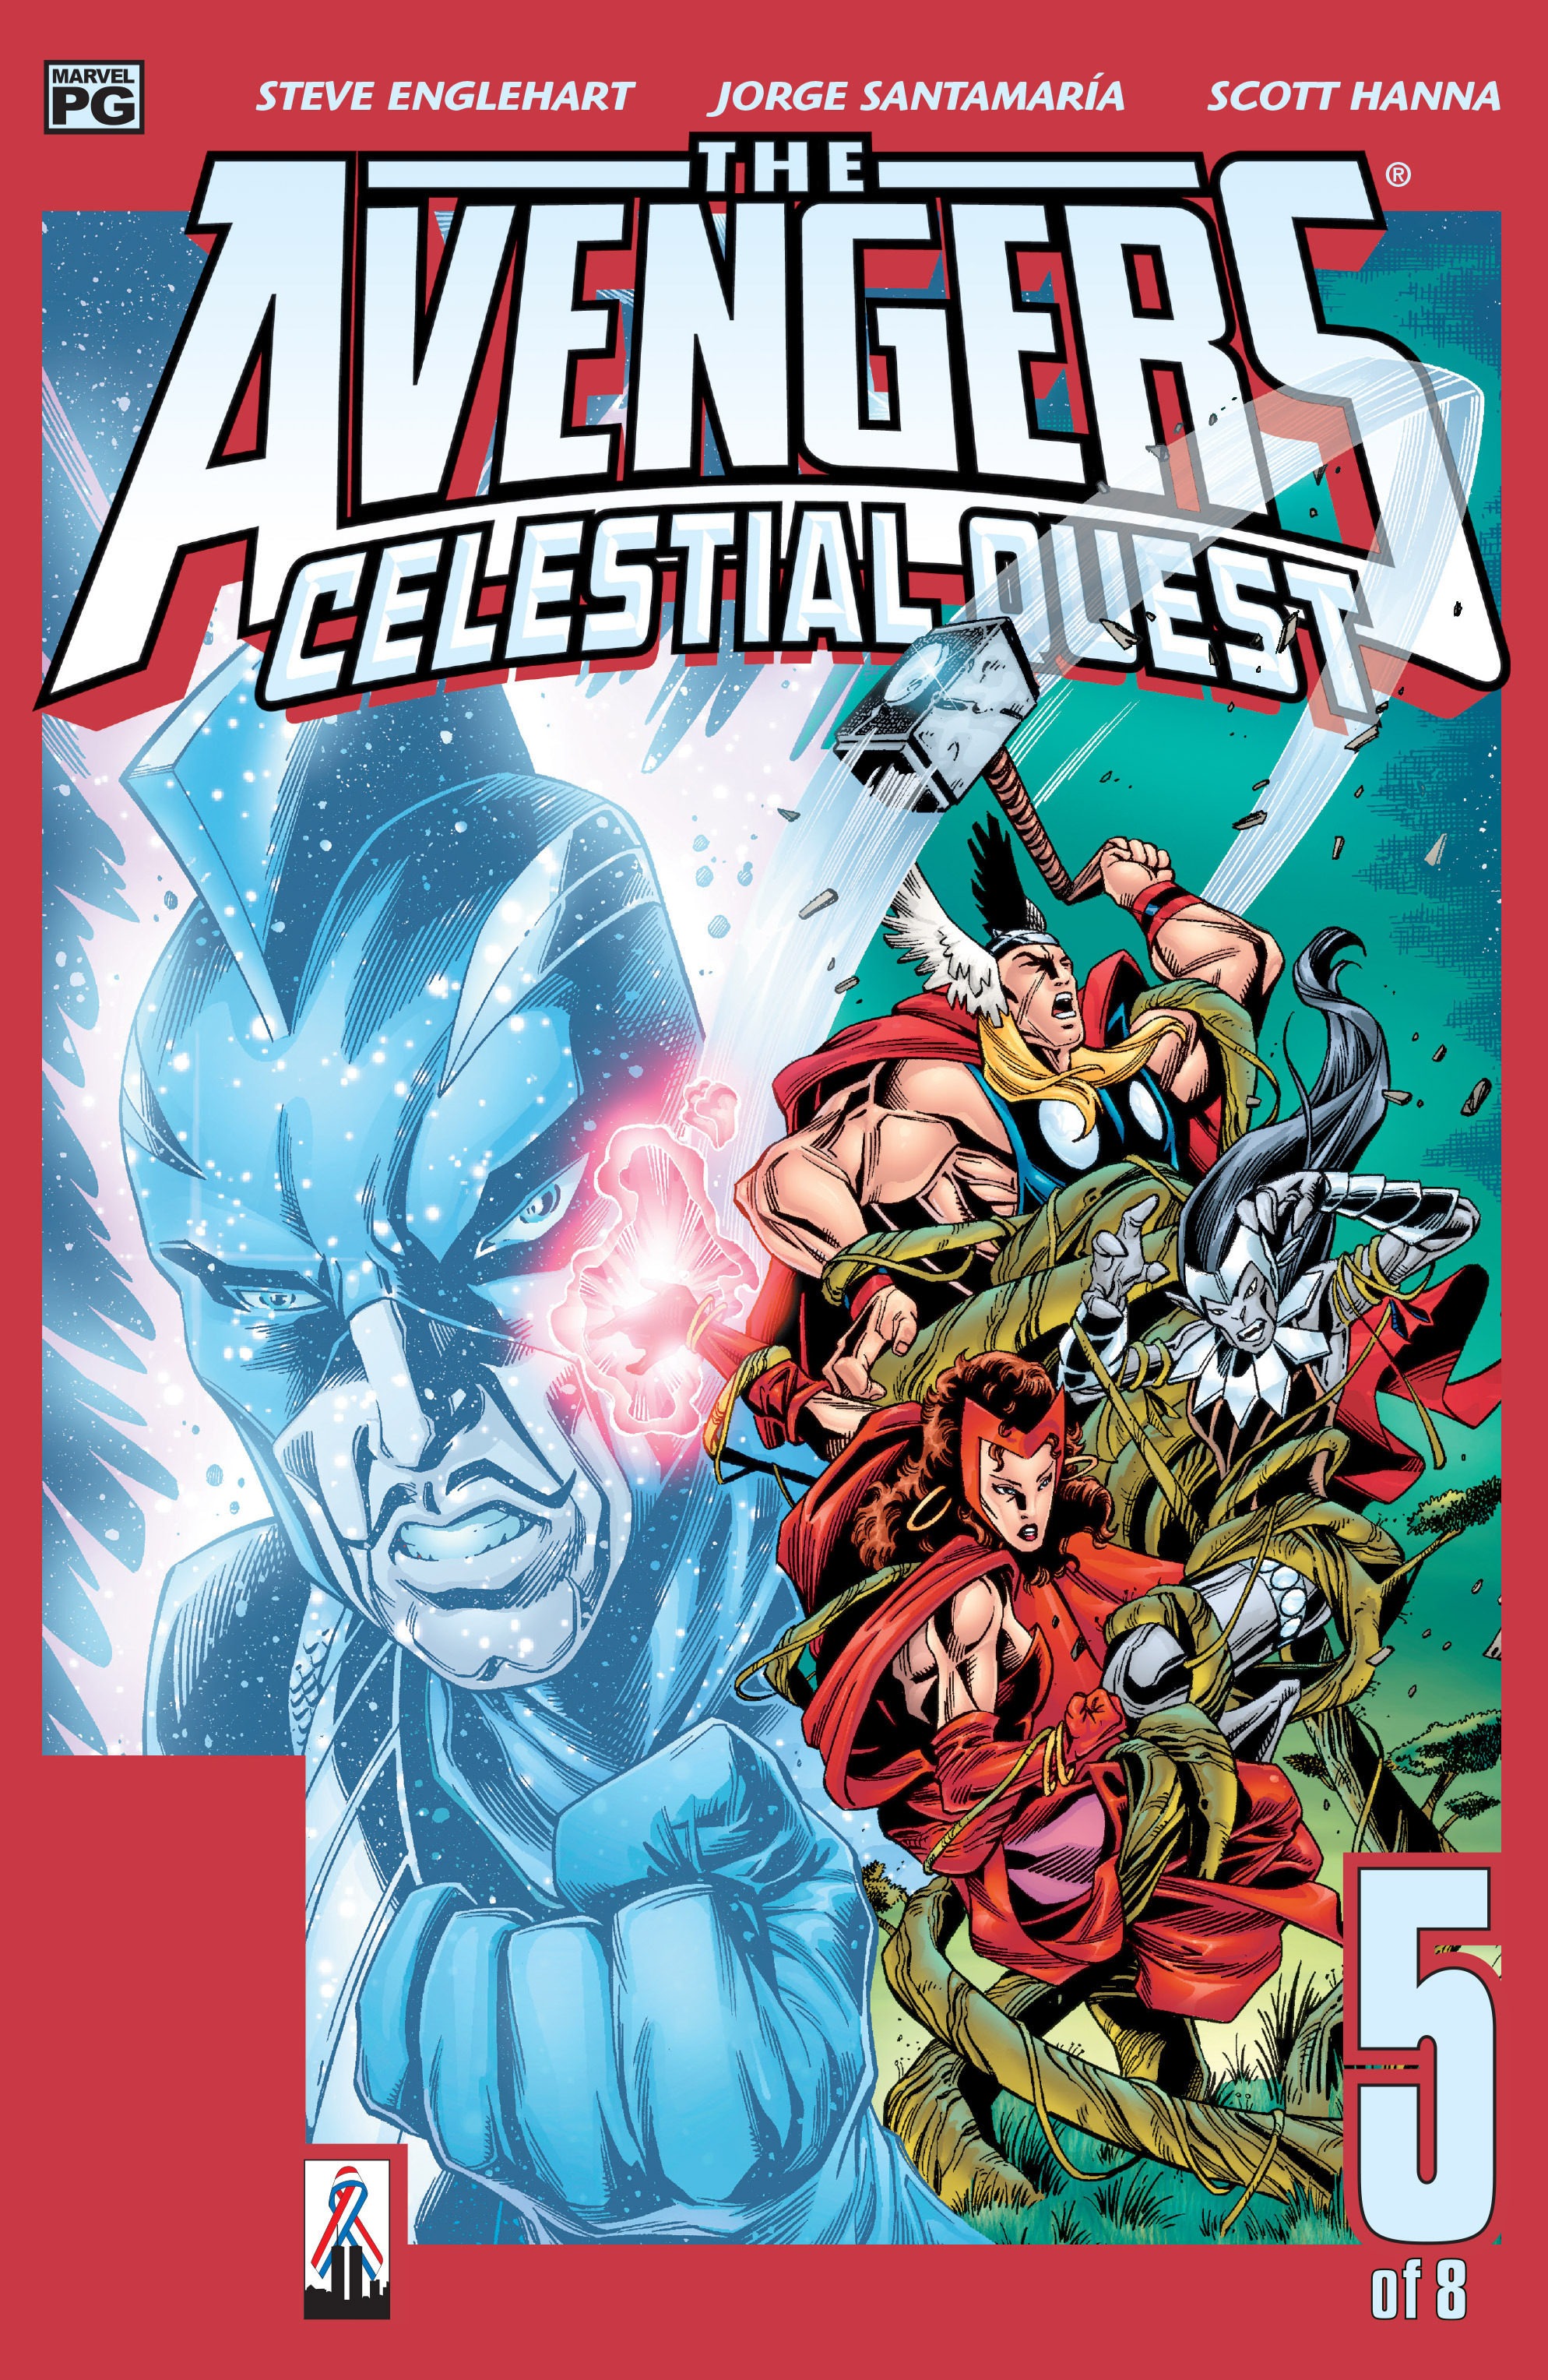 Avengers: Celestial Quest 5 Page 1